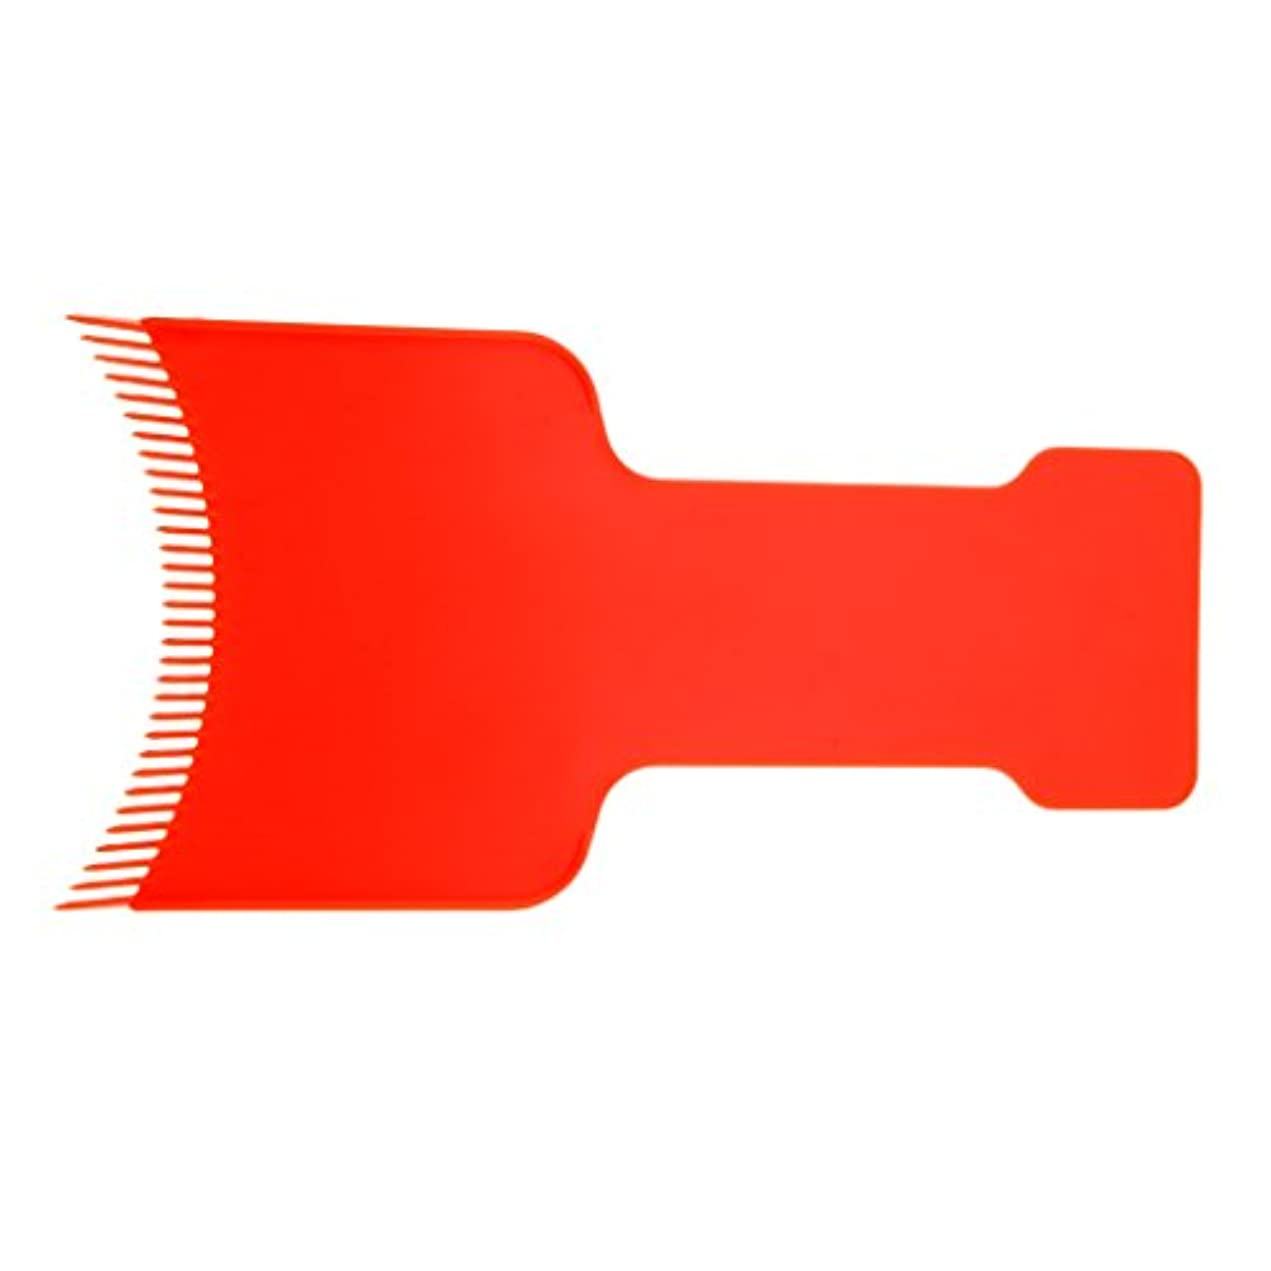 呼ぶ空港冷蔵庫Toygogo サロンヘアカラーボード|染毛剤プレート|理髪理髪ヘアカラーボード19x9.5 Cm